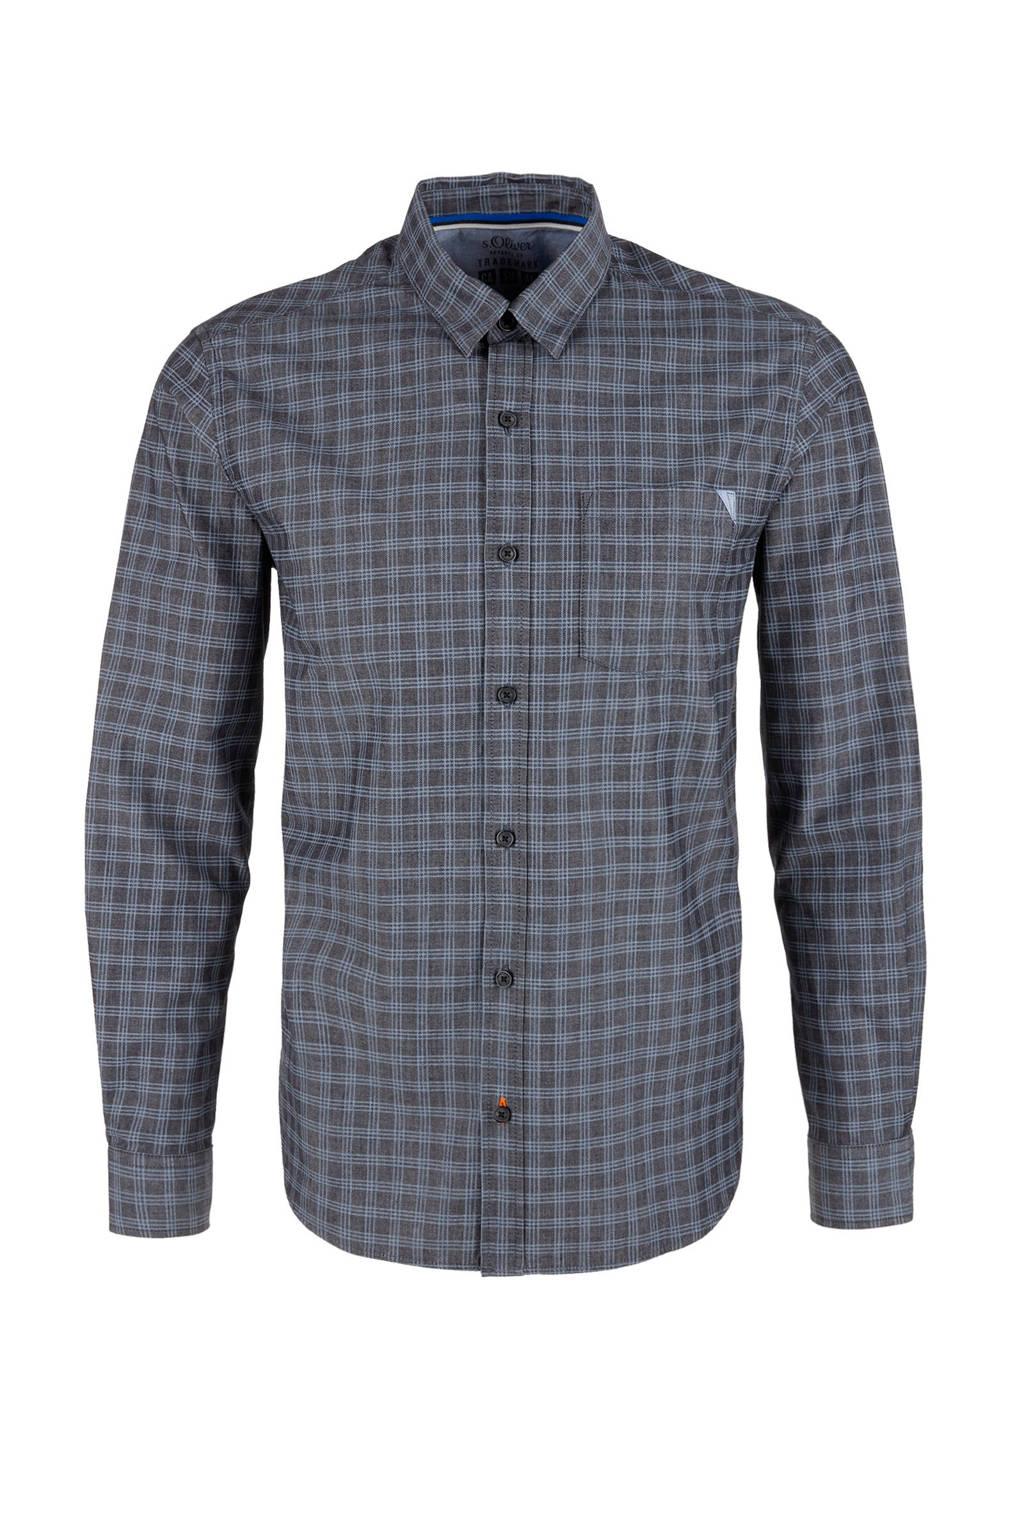 s.Oliver overhemd, Grijs